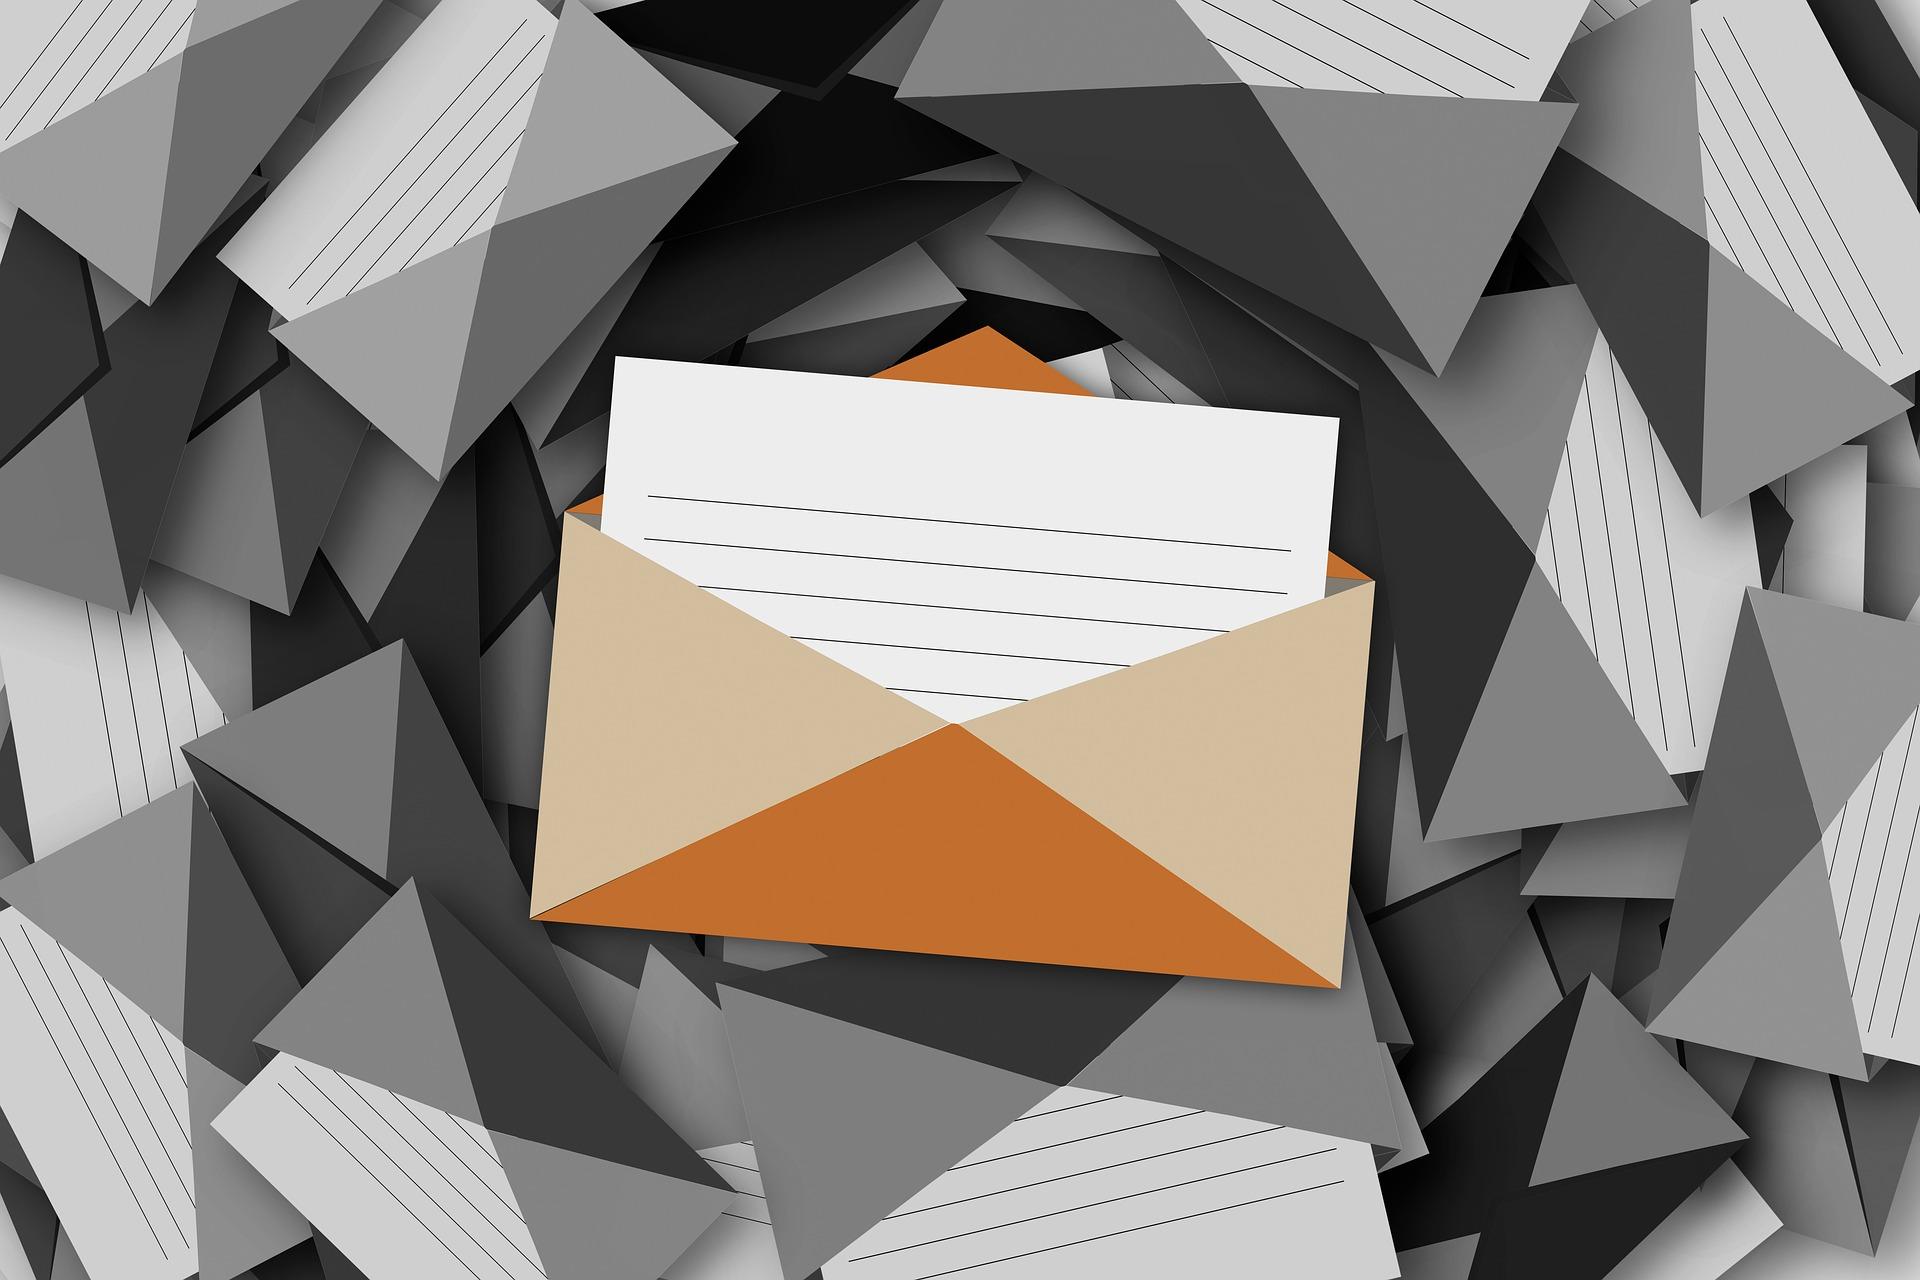 telecom data email image